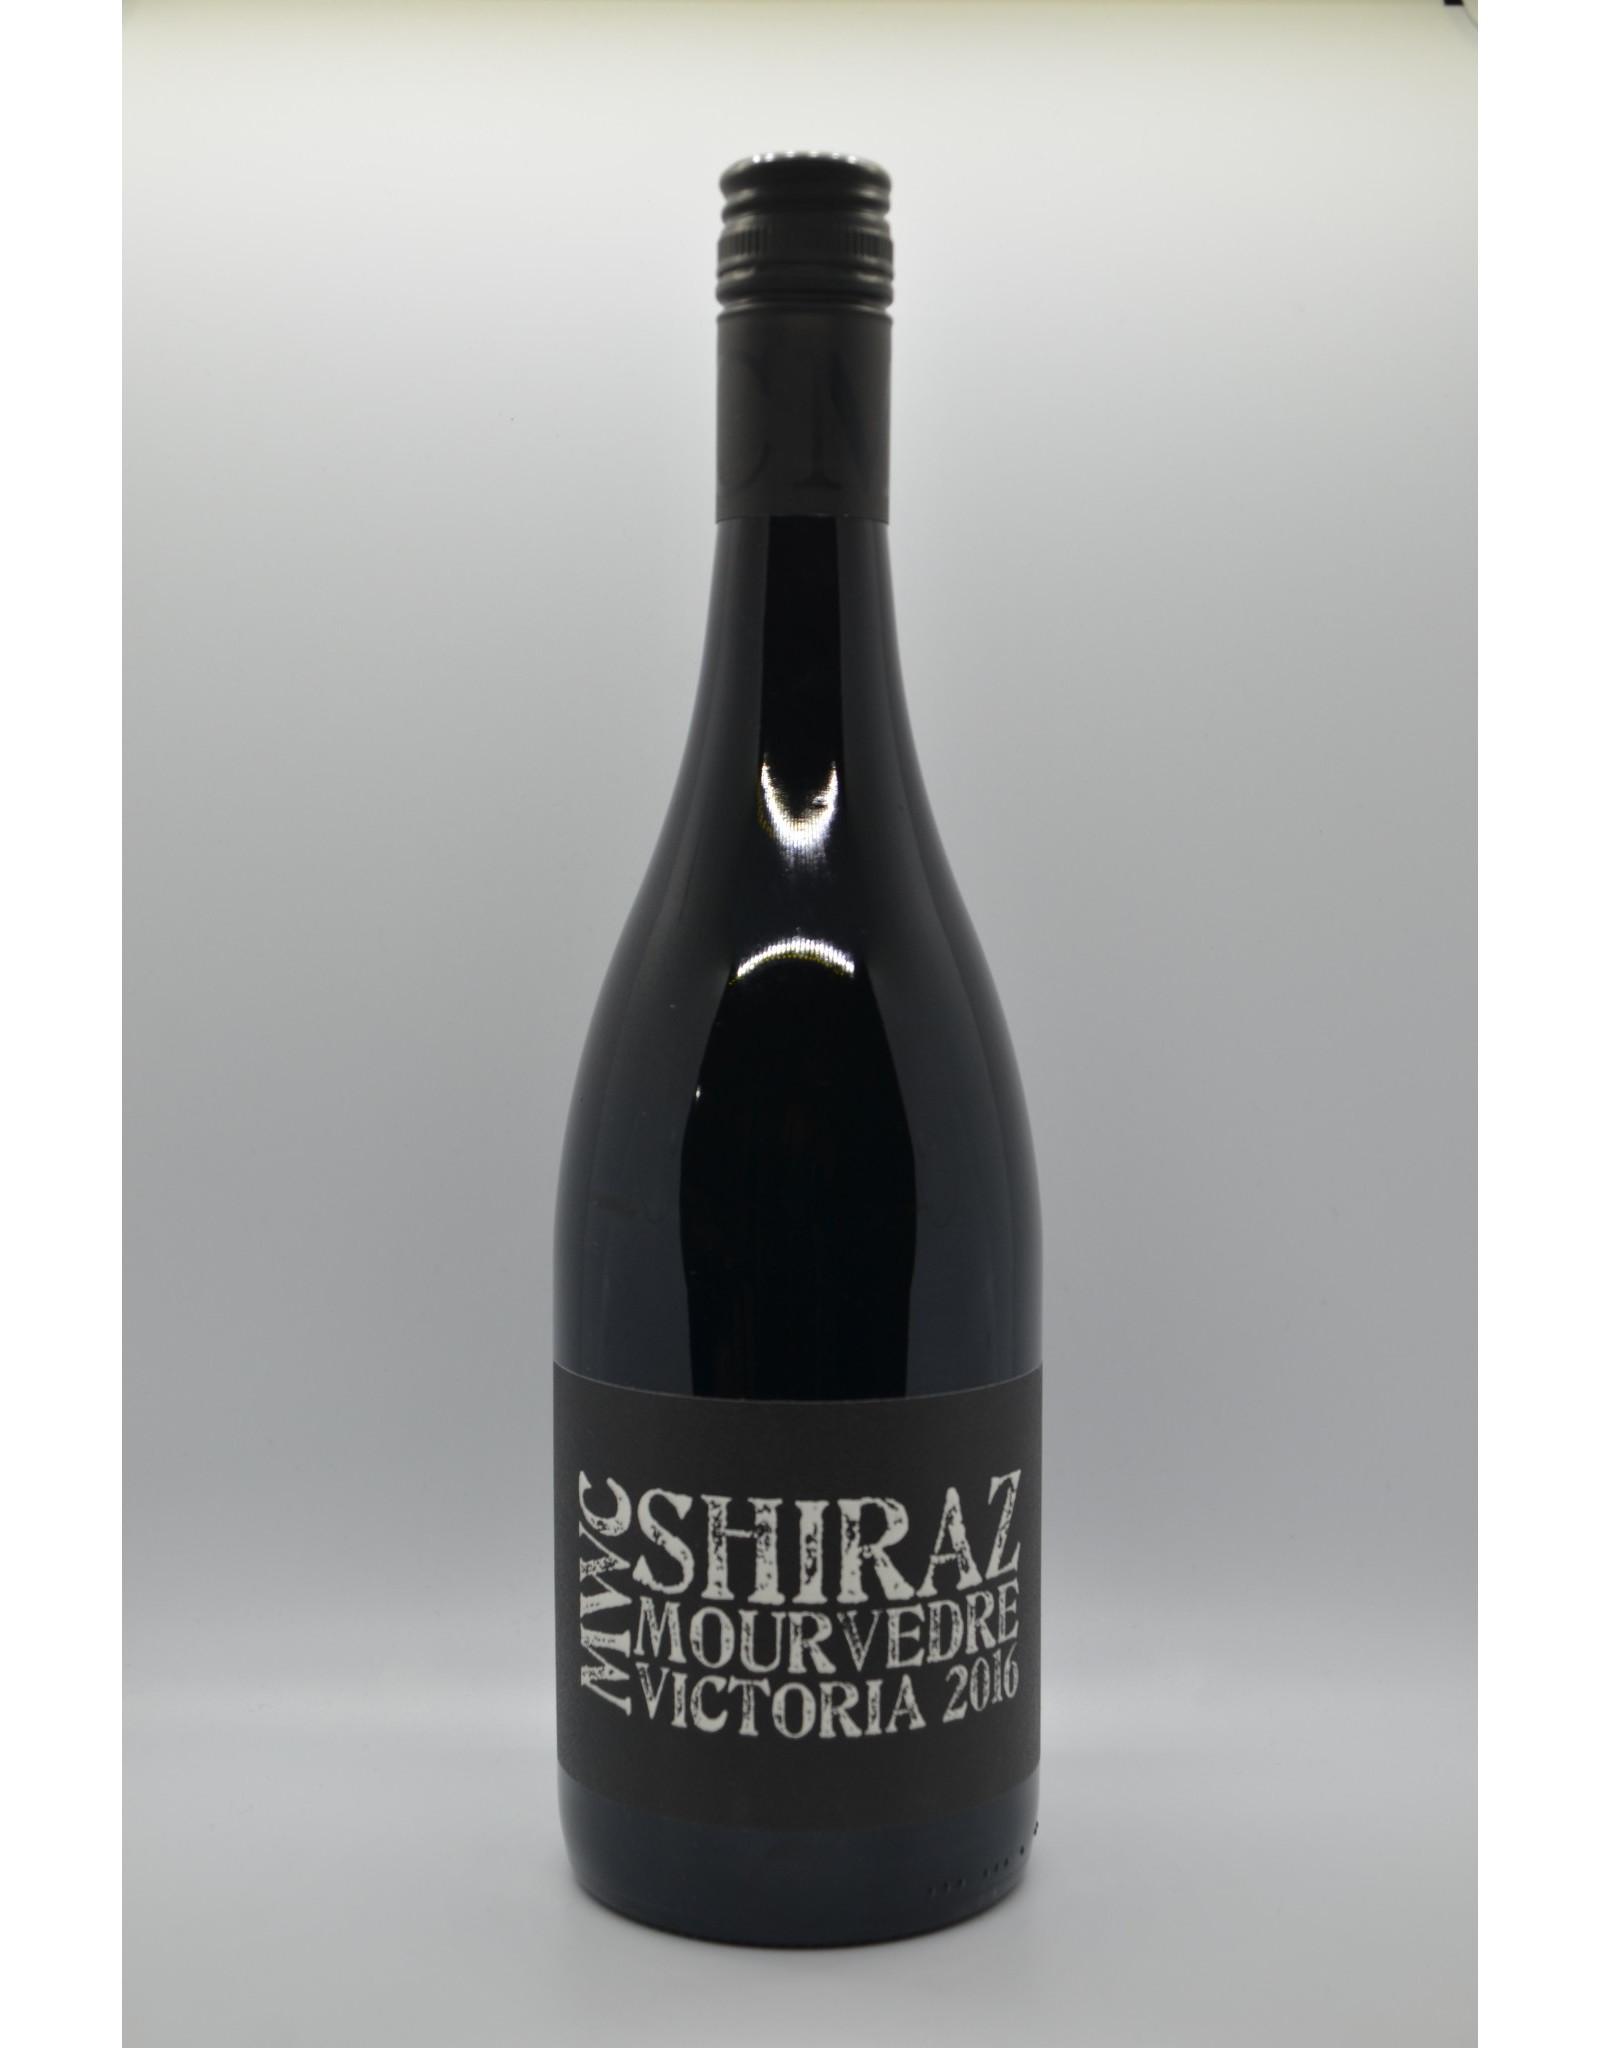 Australia McPherson Wine Co. Shiraz Mourvedre